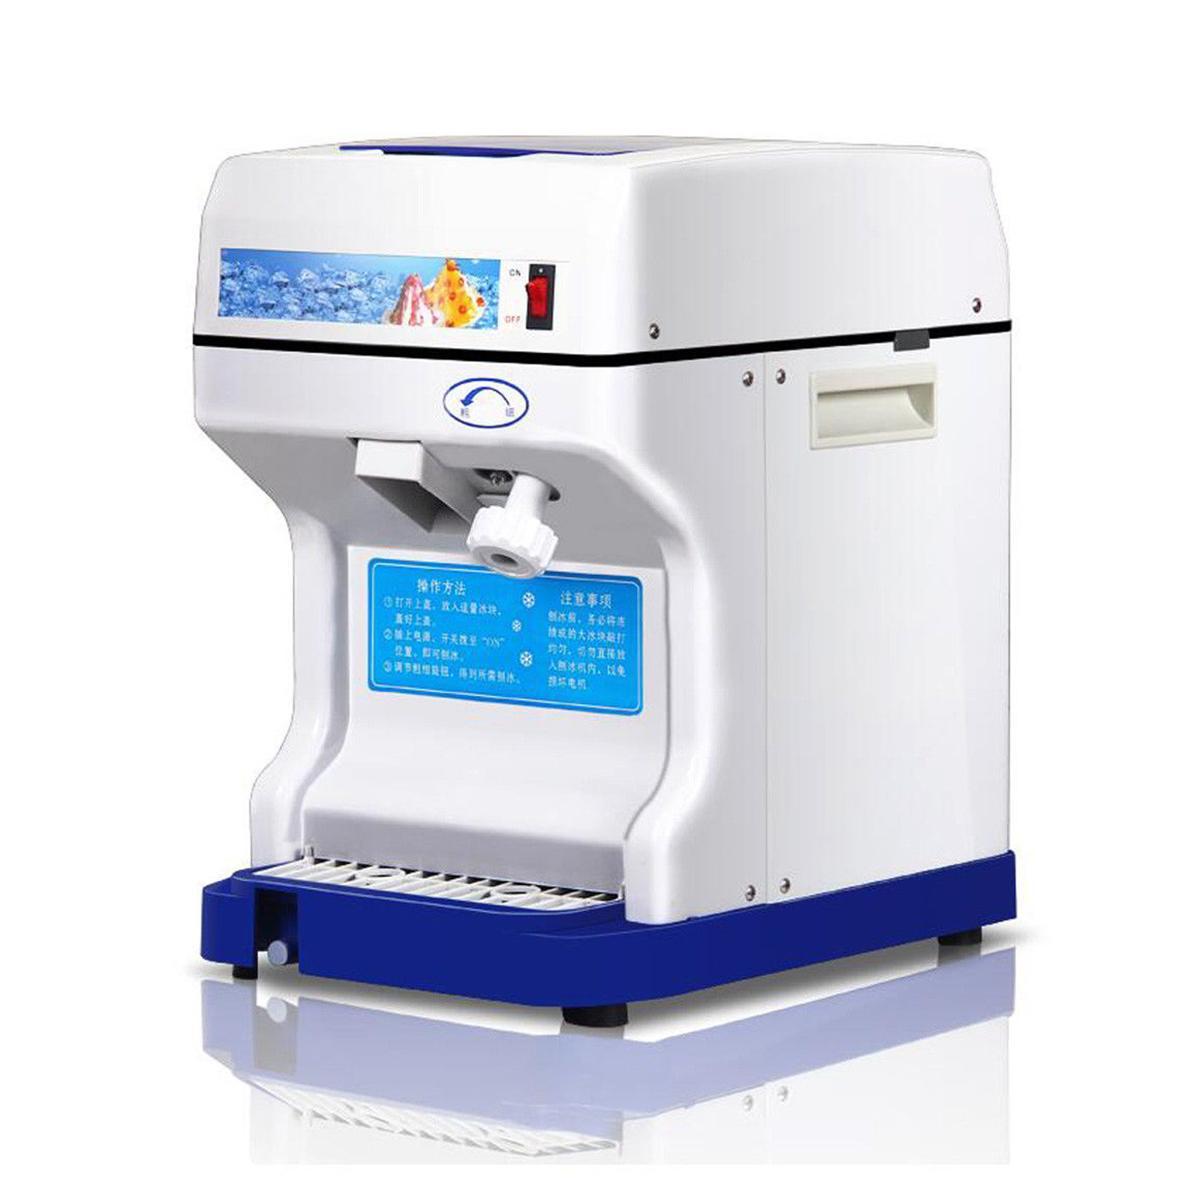 220 В в 320r/m электрический коммерческий снежный конус машина лед чайник лед бритва прибор для колки льда